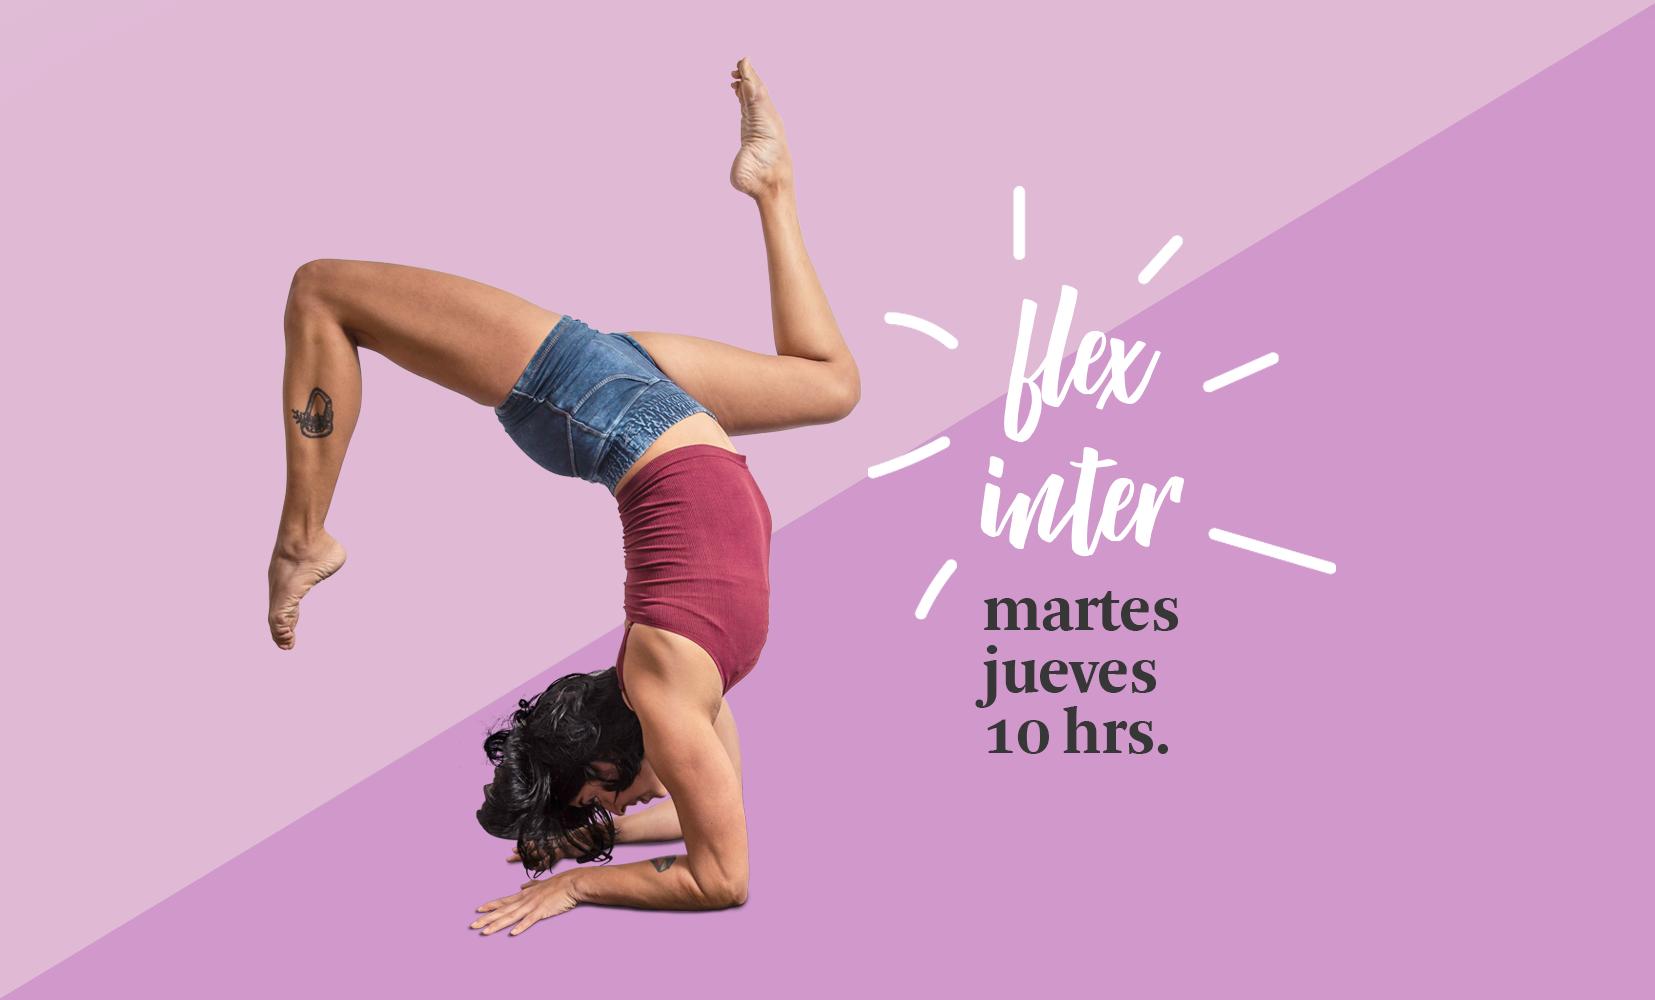 Flex Inter martes y jueves 10 hrs.